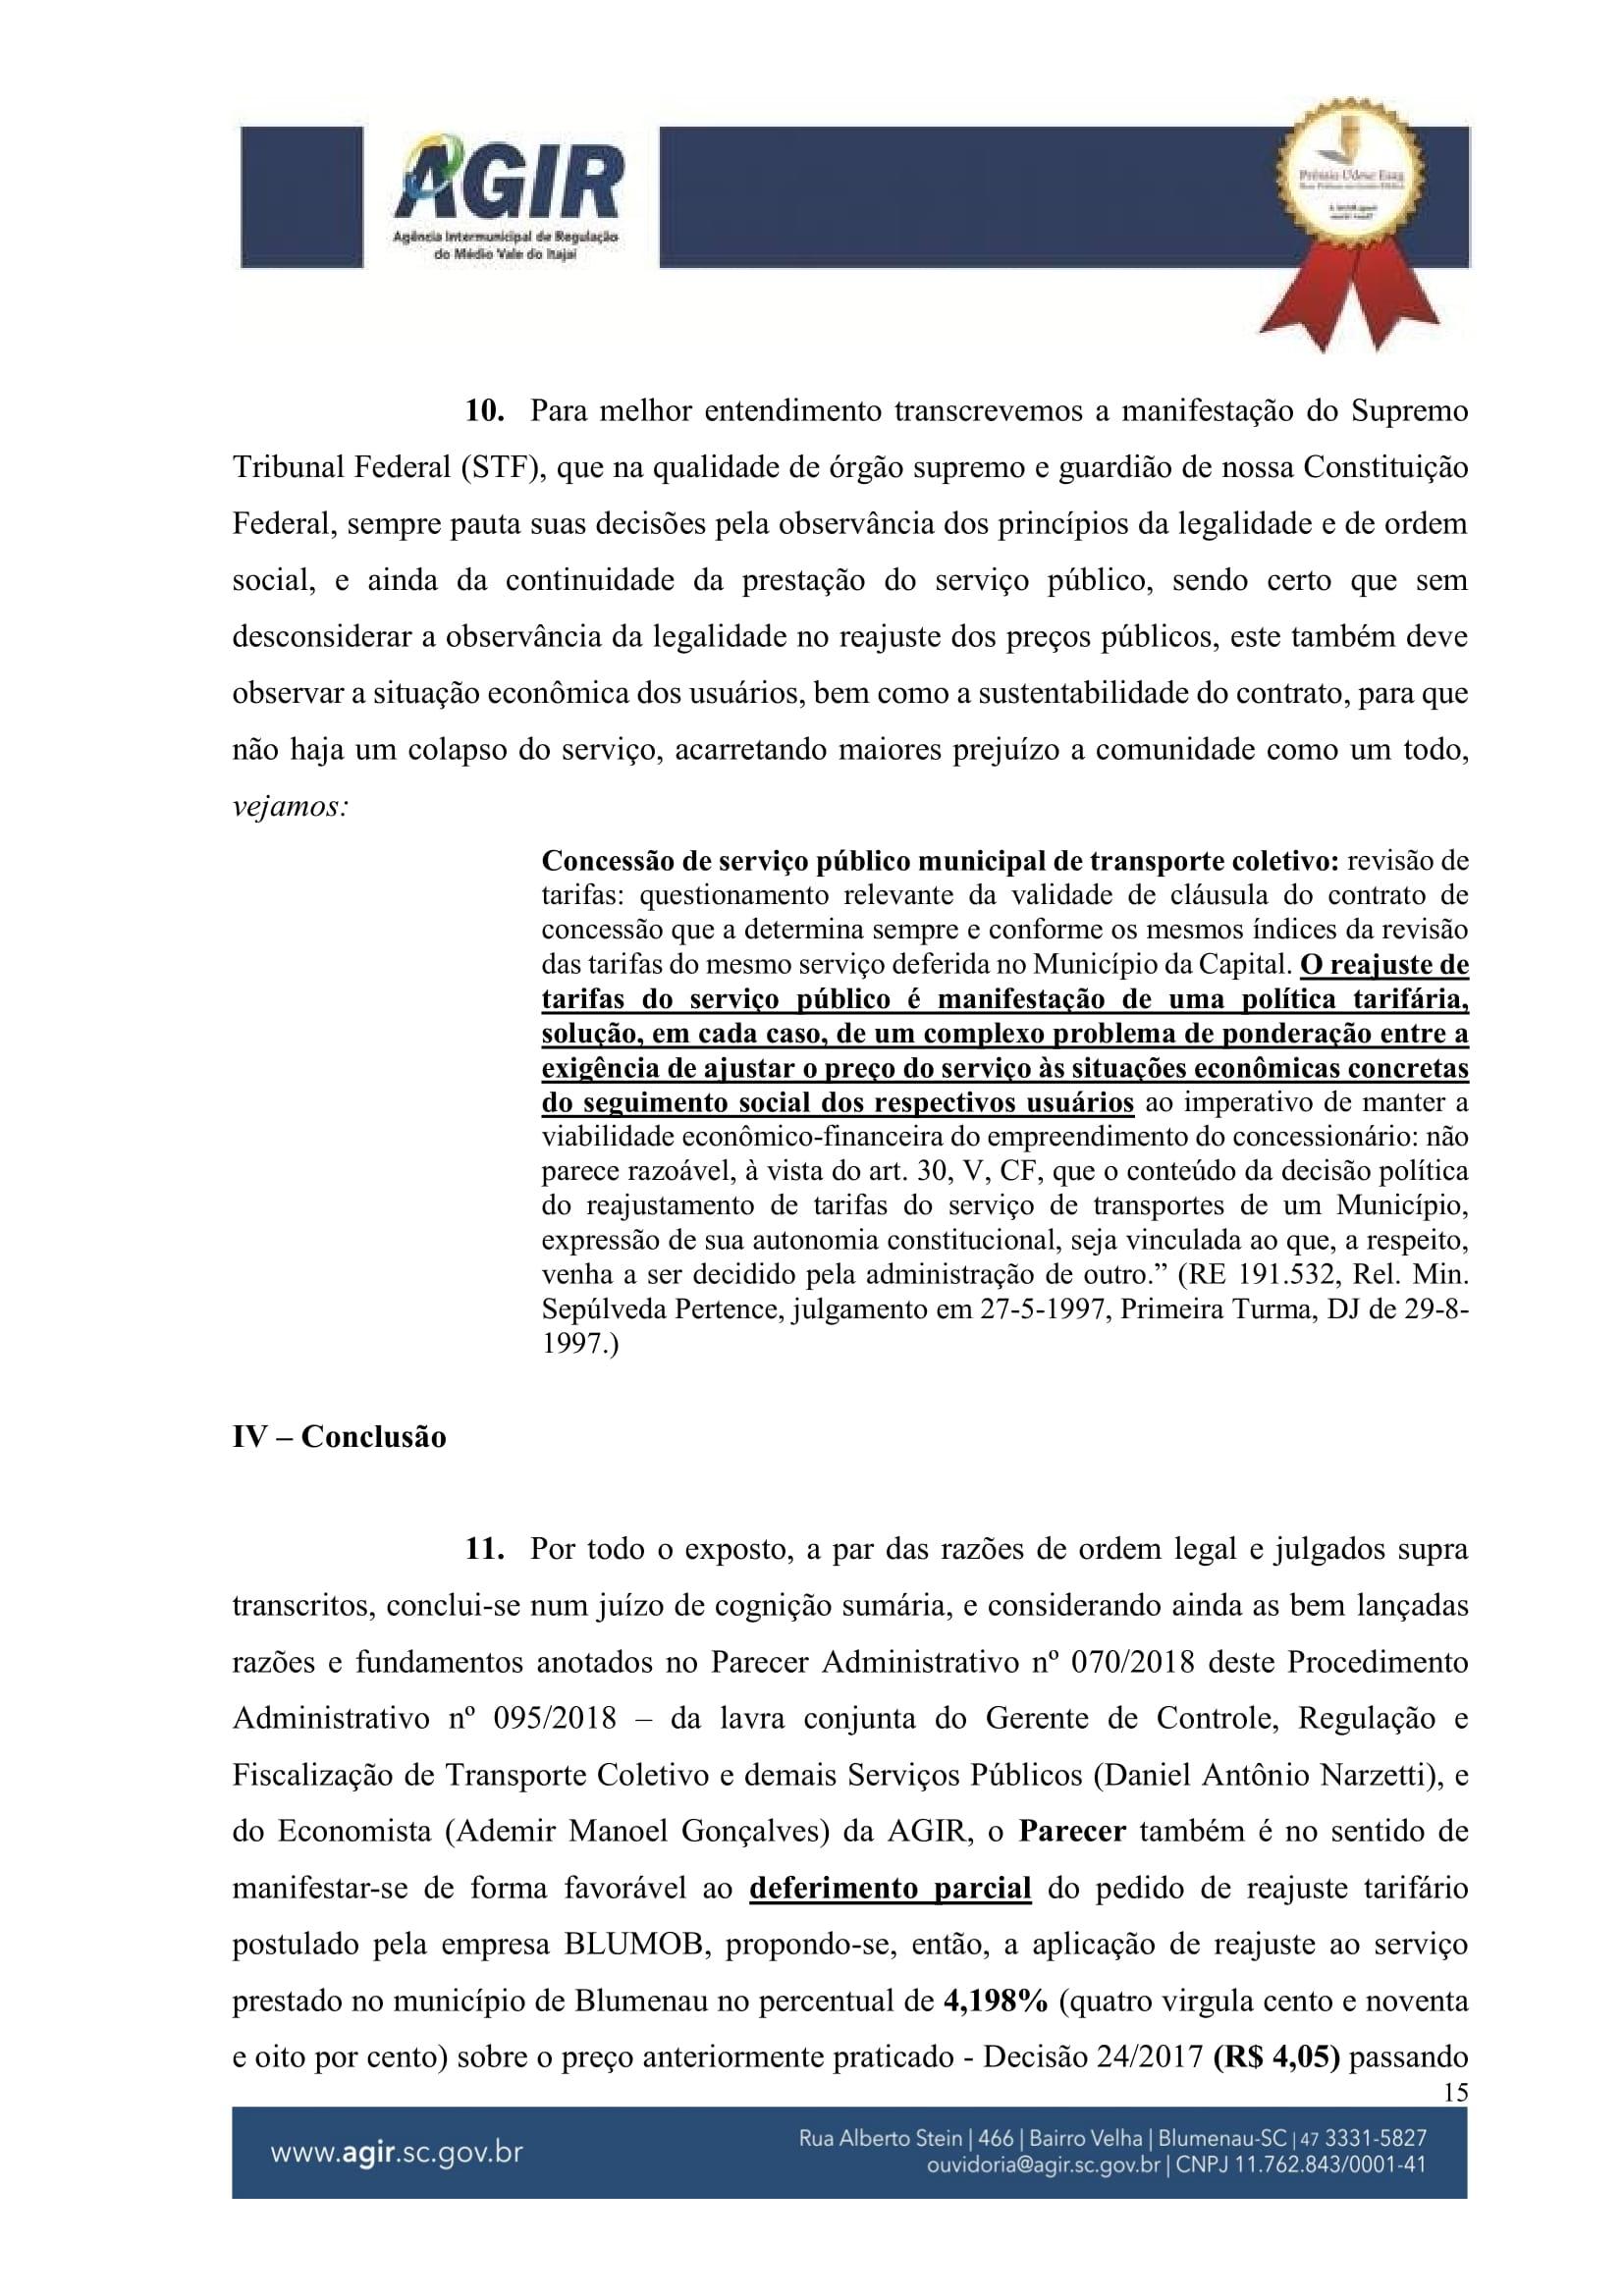 Parecer Juridico 131-2018_Reajuste Tarifário Blumob-15